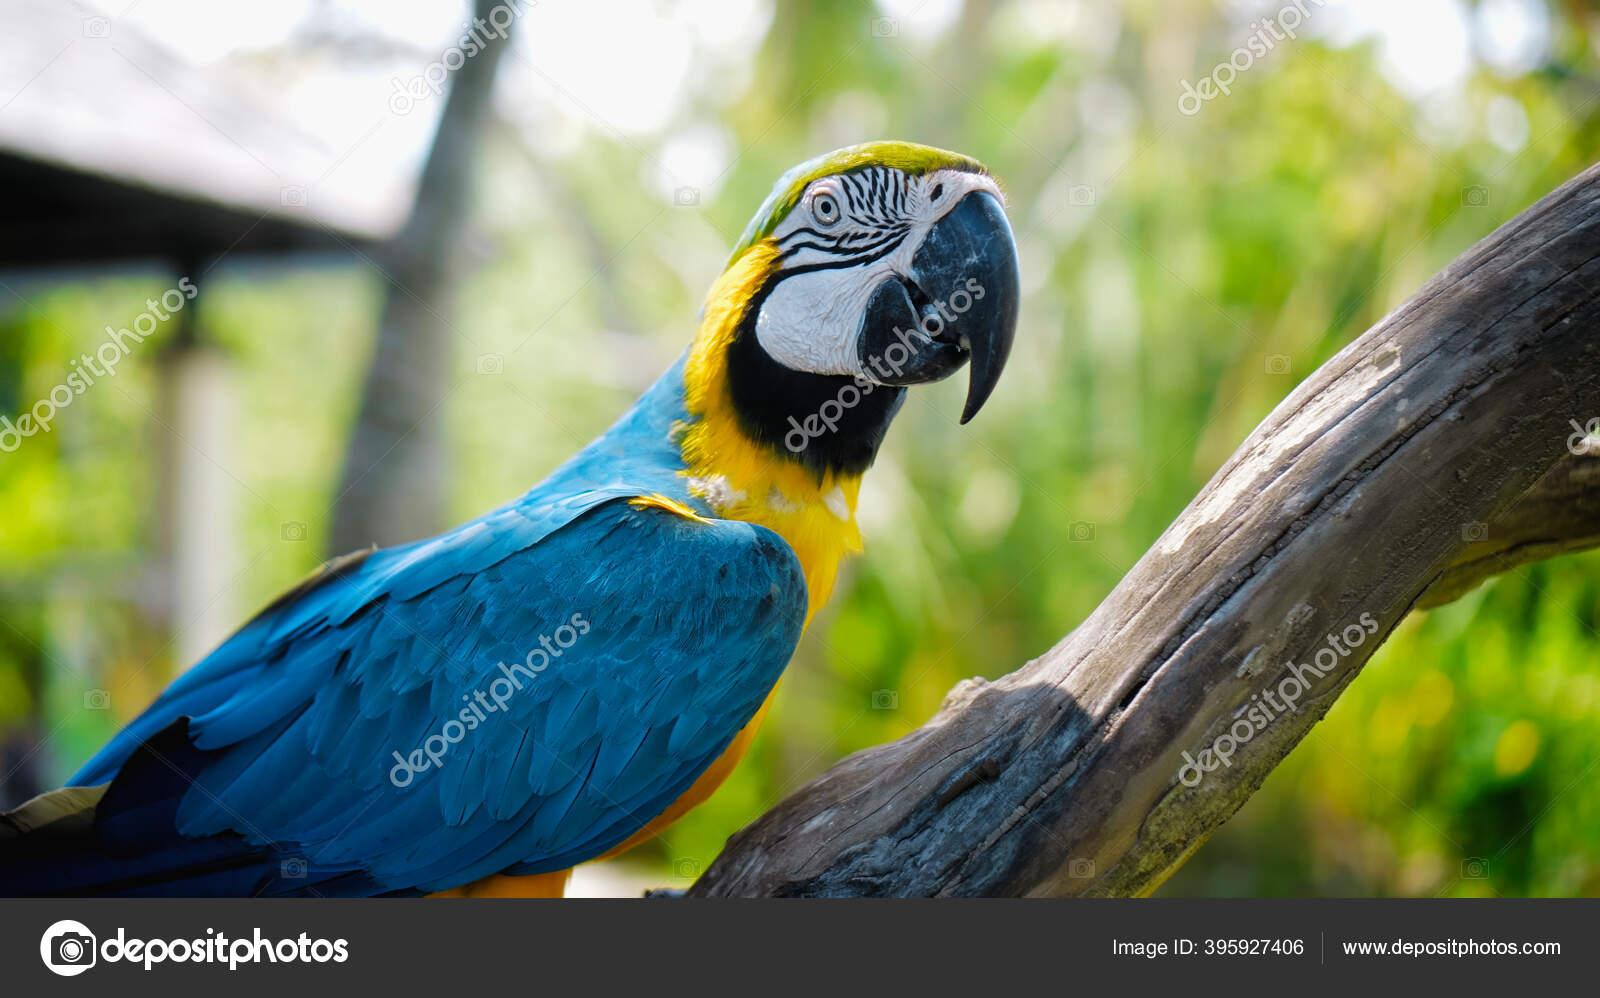 Burung Beo Ara Dengan Bulu Kuning Dan Biru Habitatnya Yang Stok Foto C Nicola Dj Mail Ru 395927406